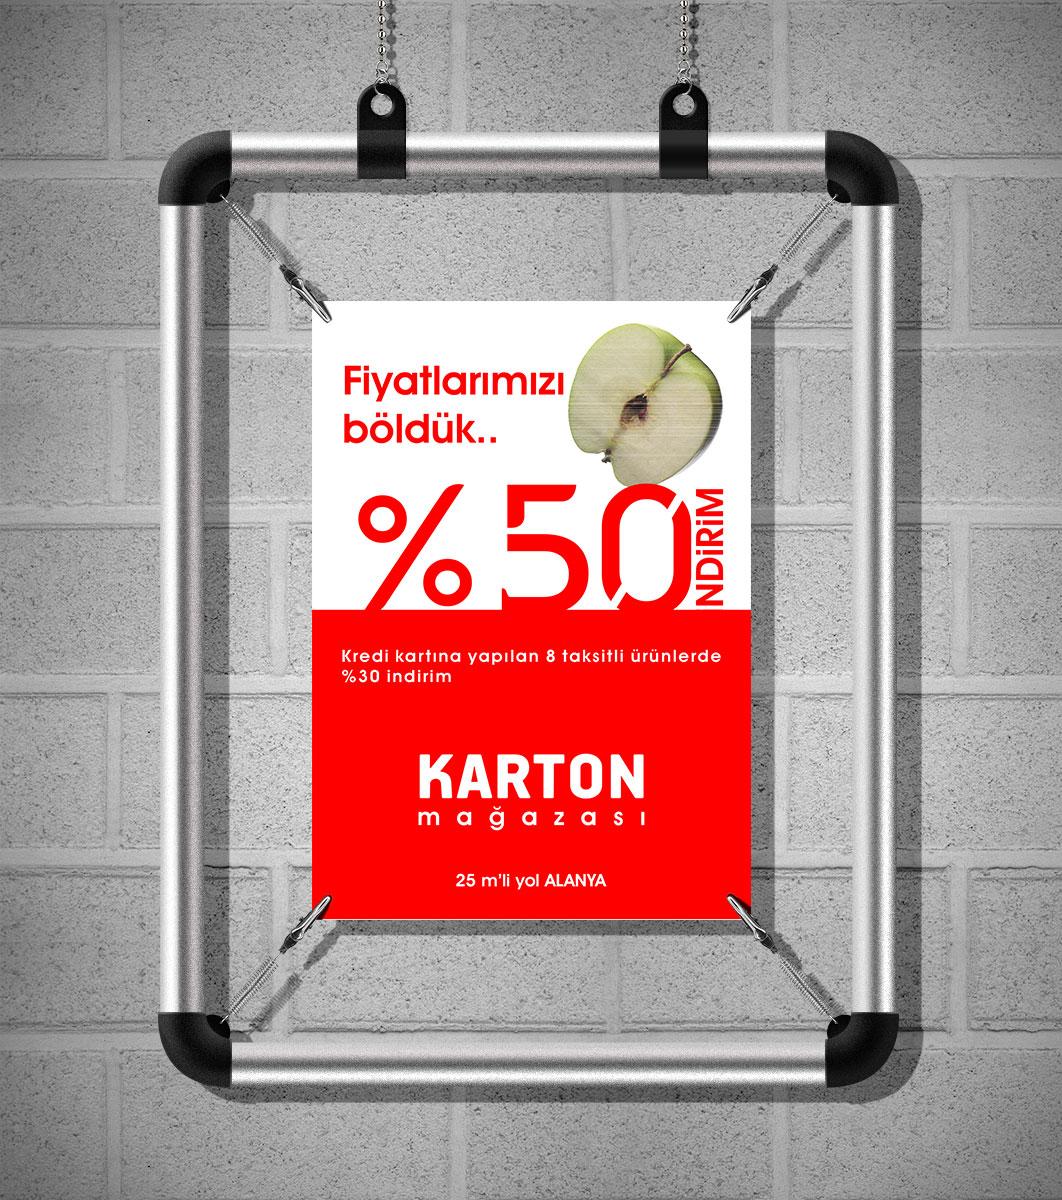 Poster Tutucu - Karton Mağazası